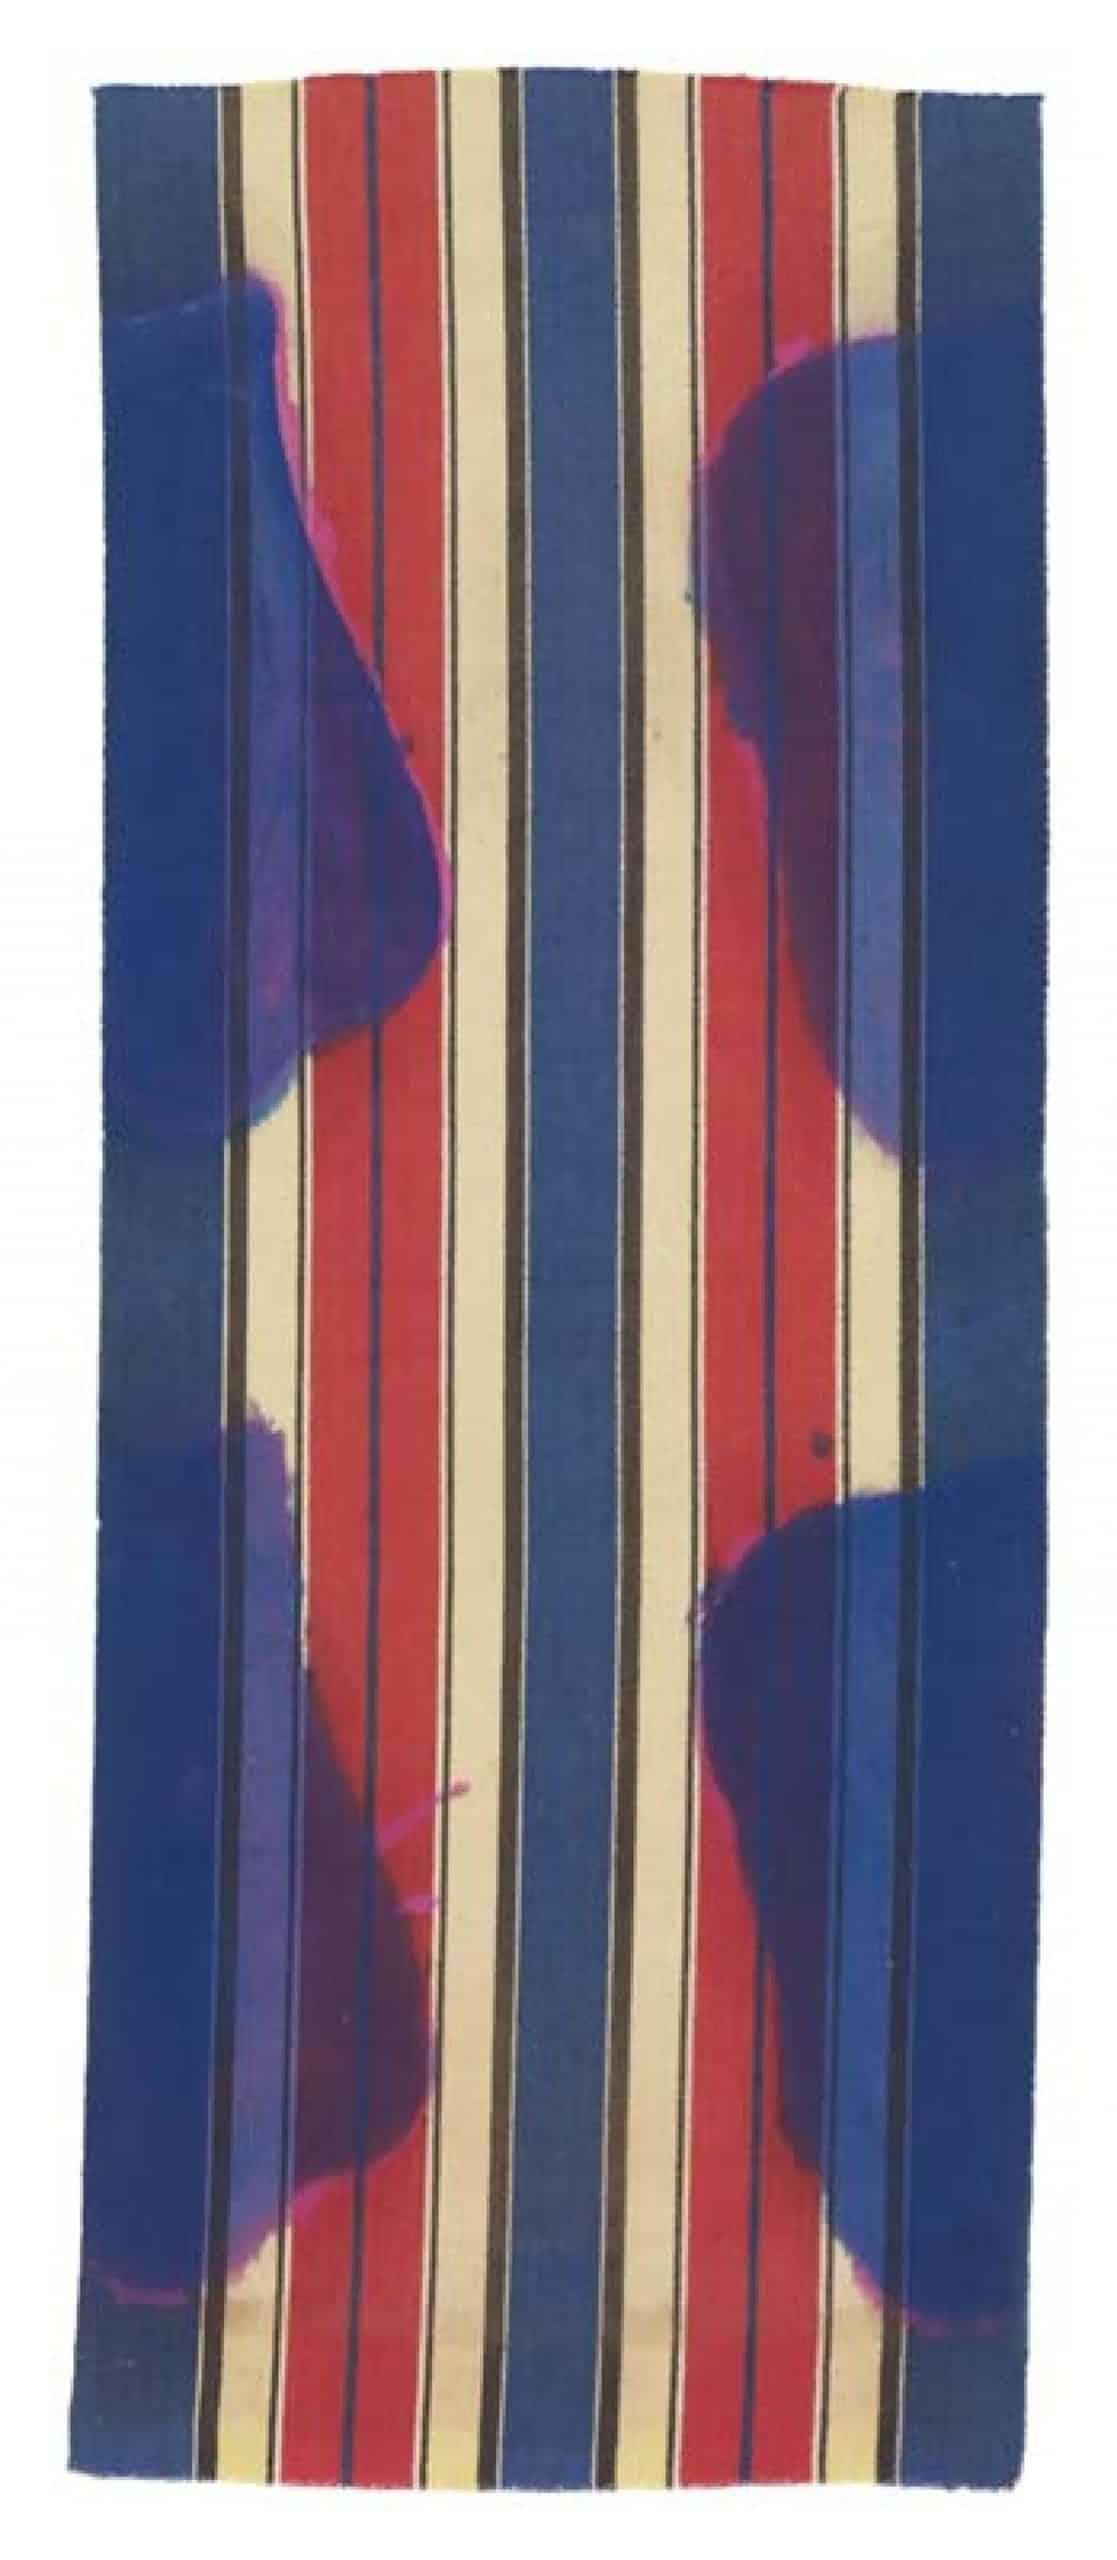 Claude Viallat, Sans titre 6 Sérigraphie sur papier Arches 310gr, 117 x 51 cm, 60 ex, 2013.